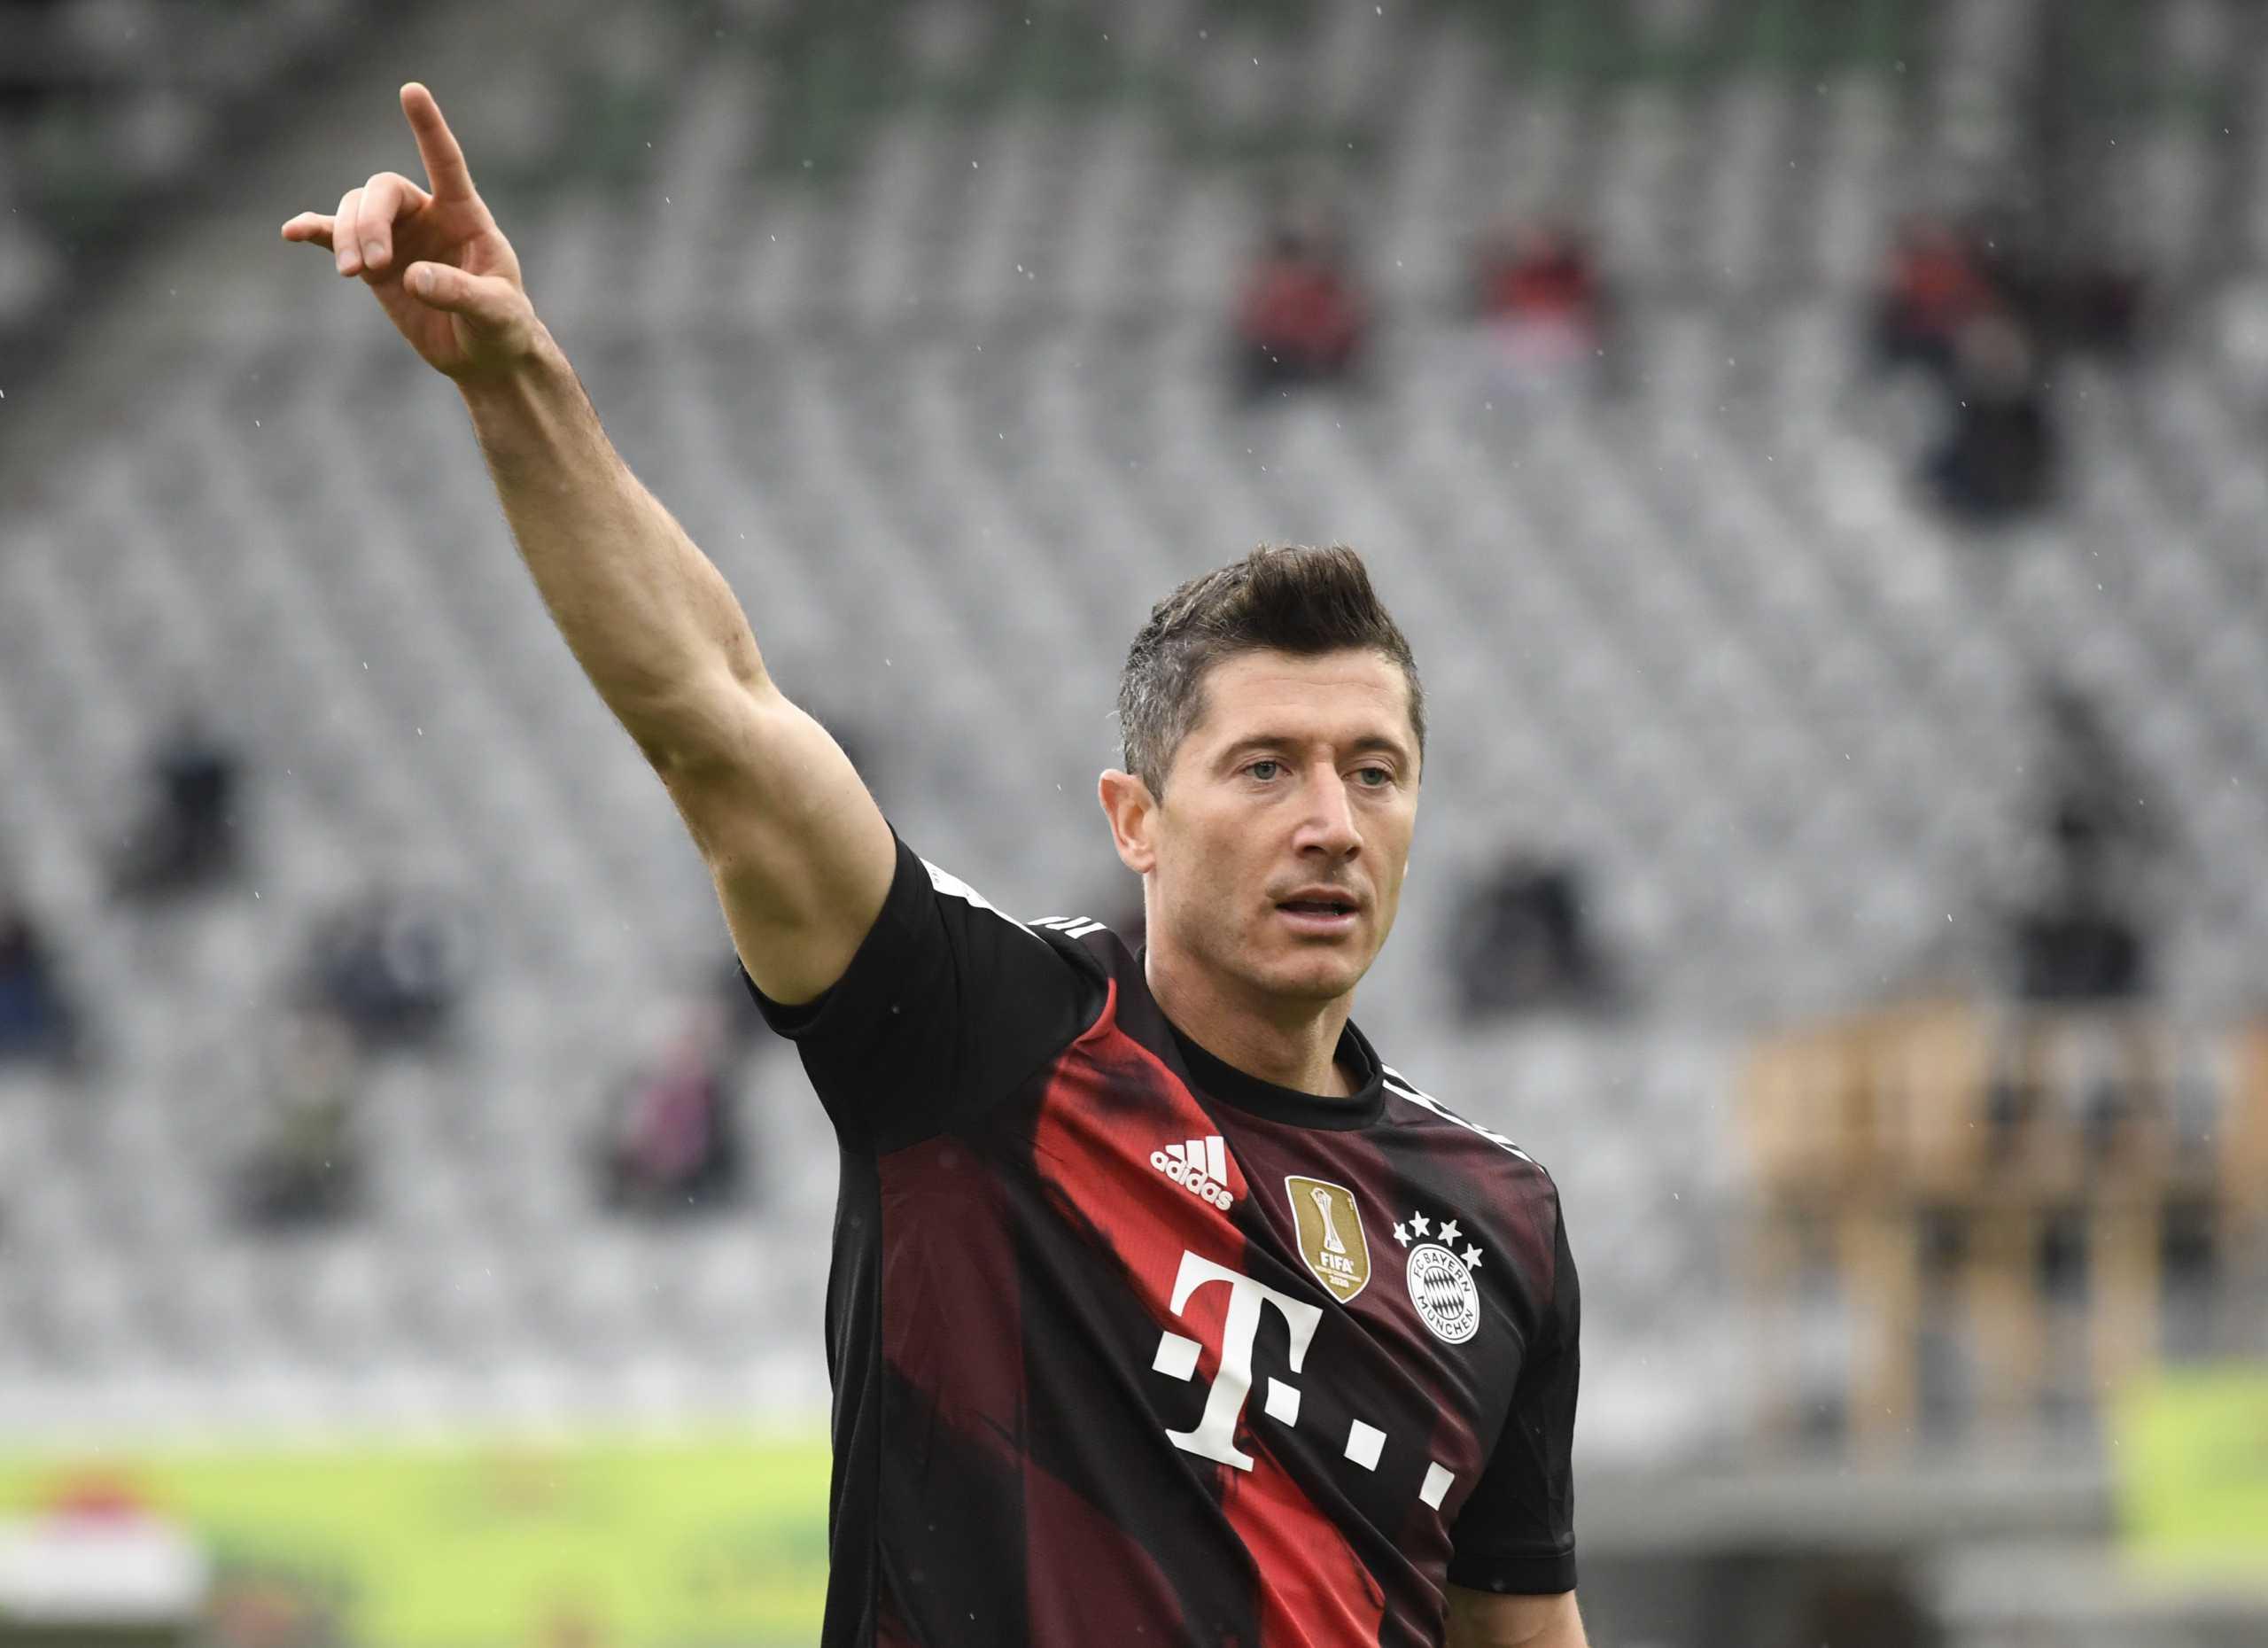 Bundesliga: Απώλεια για την Μπάγερν Μονάχου στο ιστορικό ματς του Λεβαντόφσκι